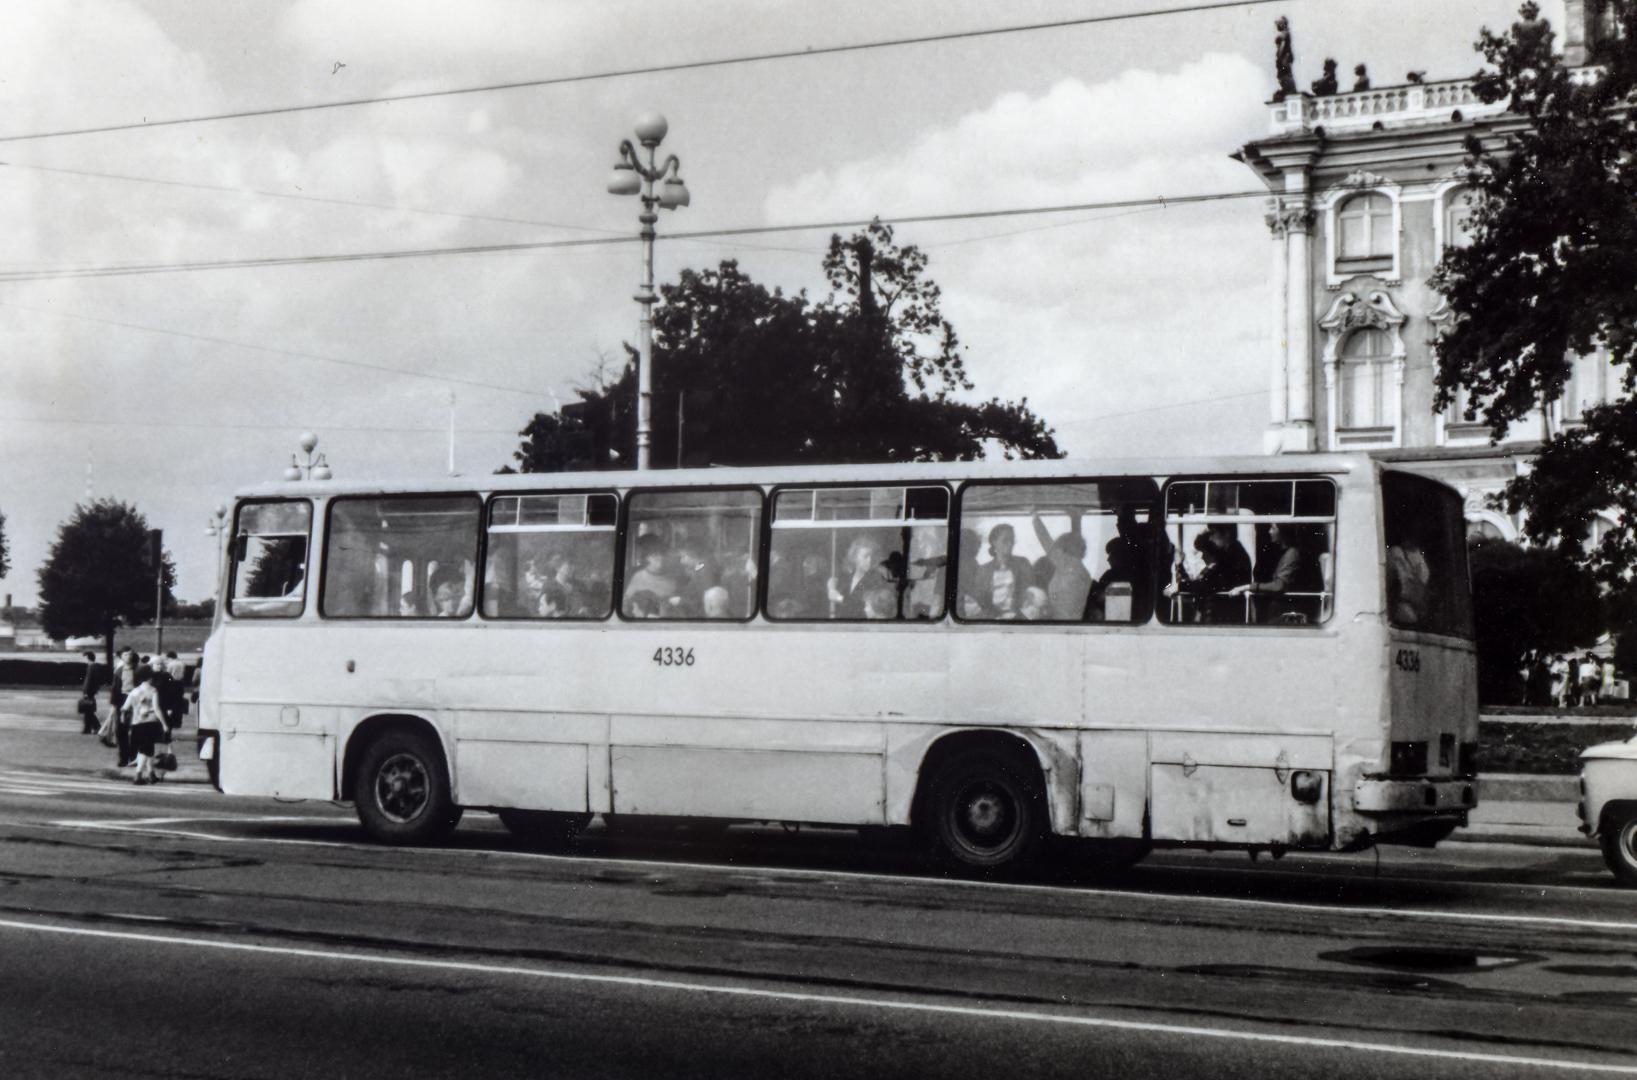 leningrad-1983-10jpg_41111265761_o.jpg